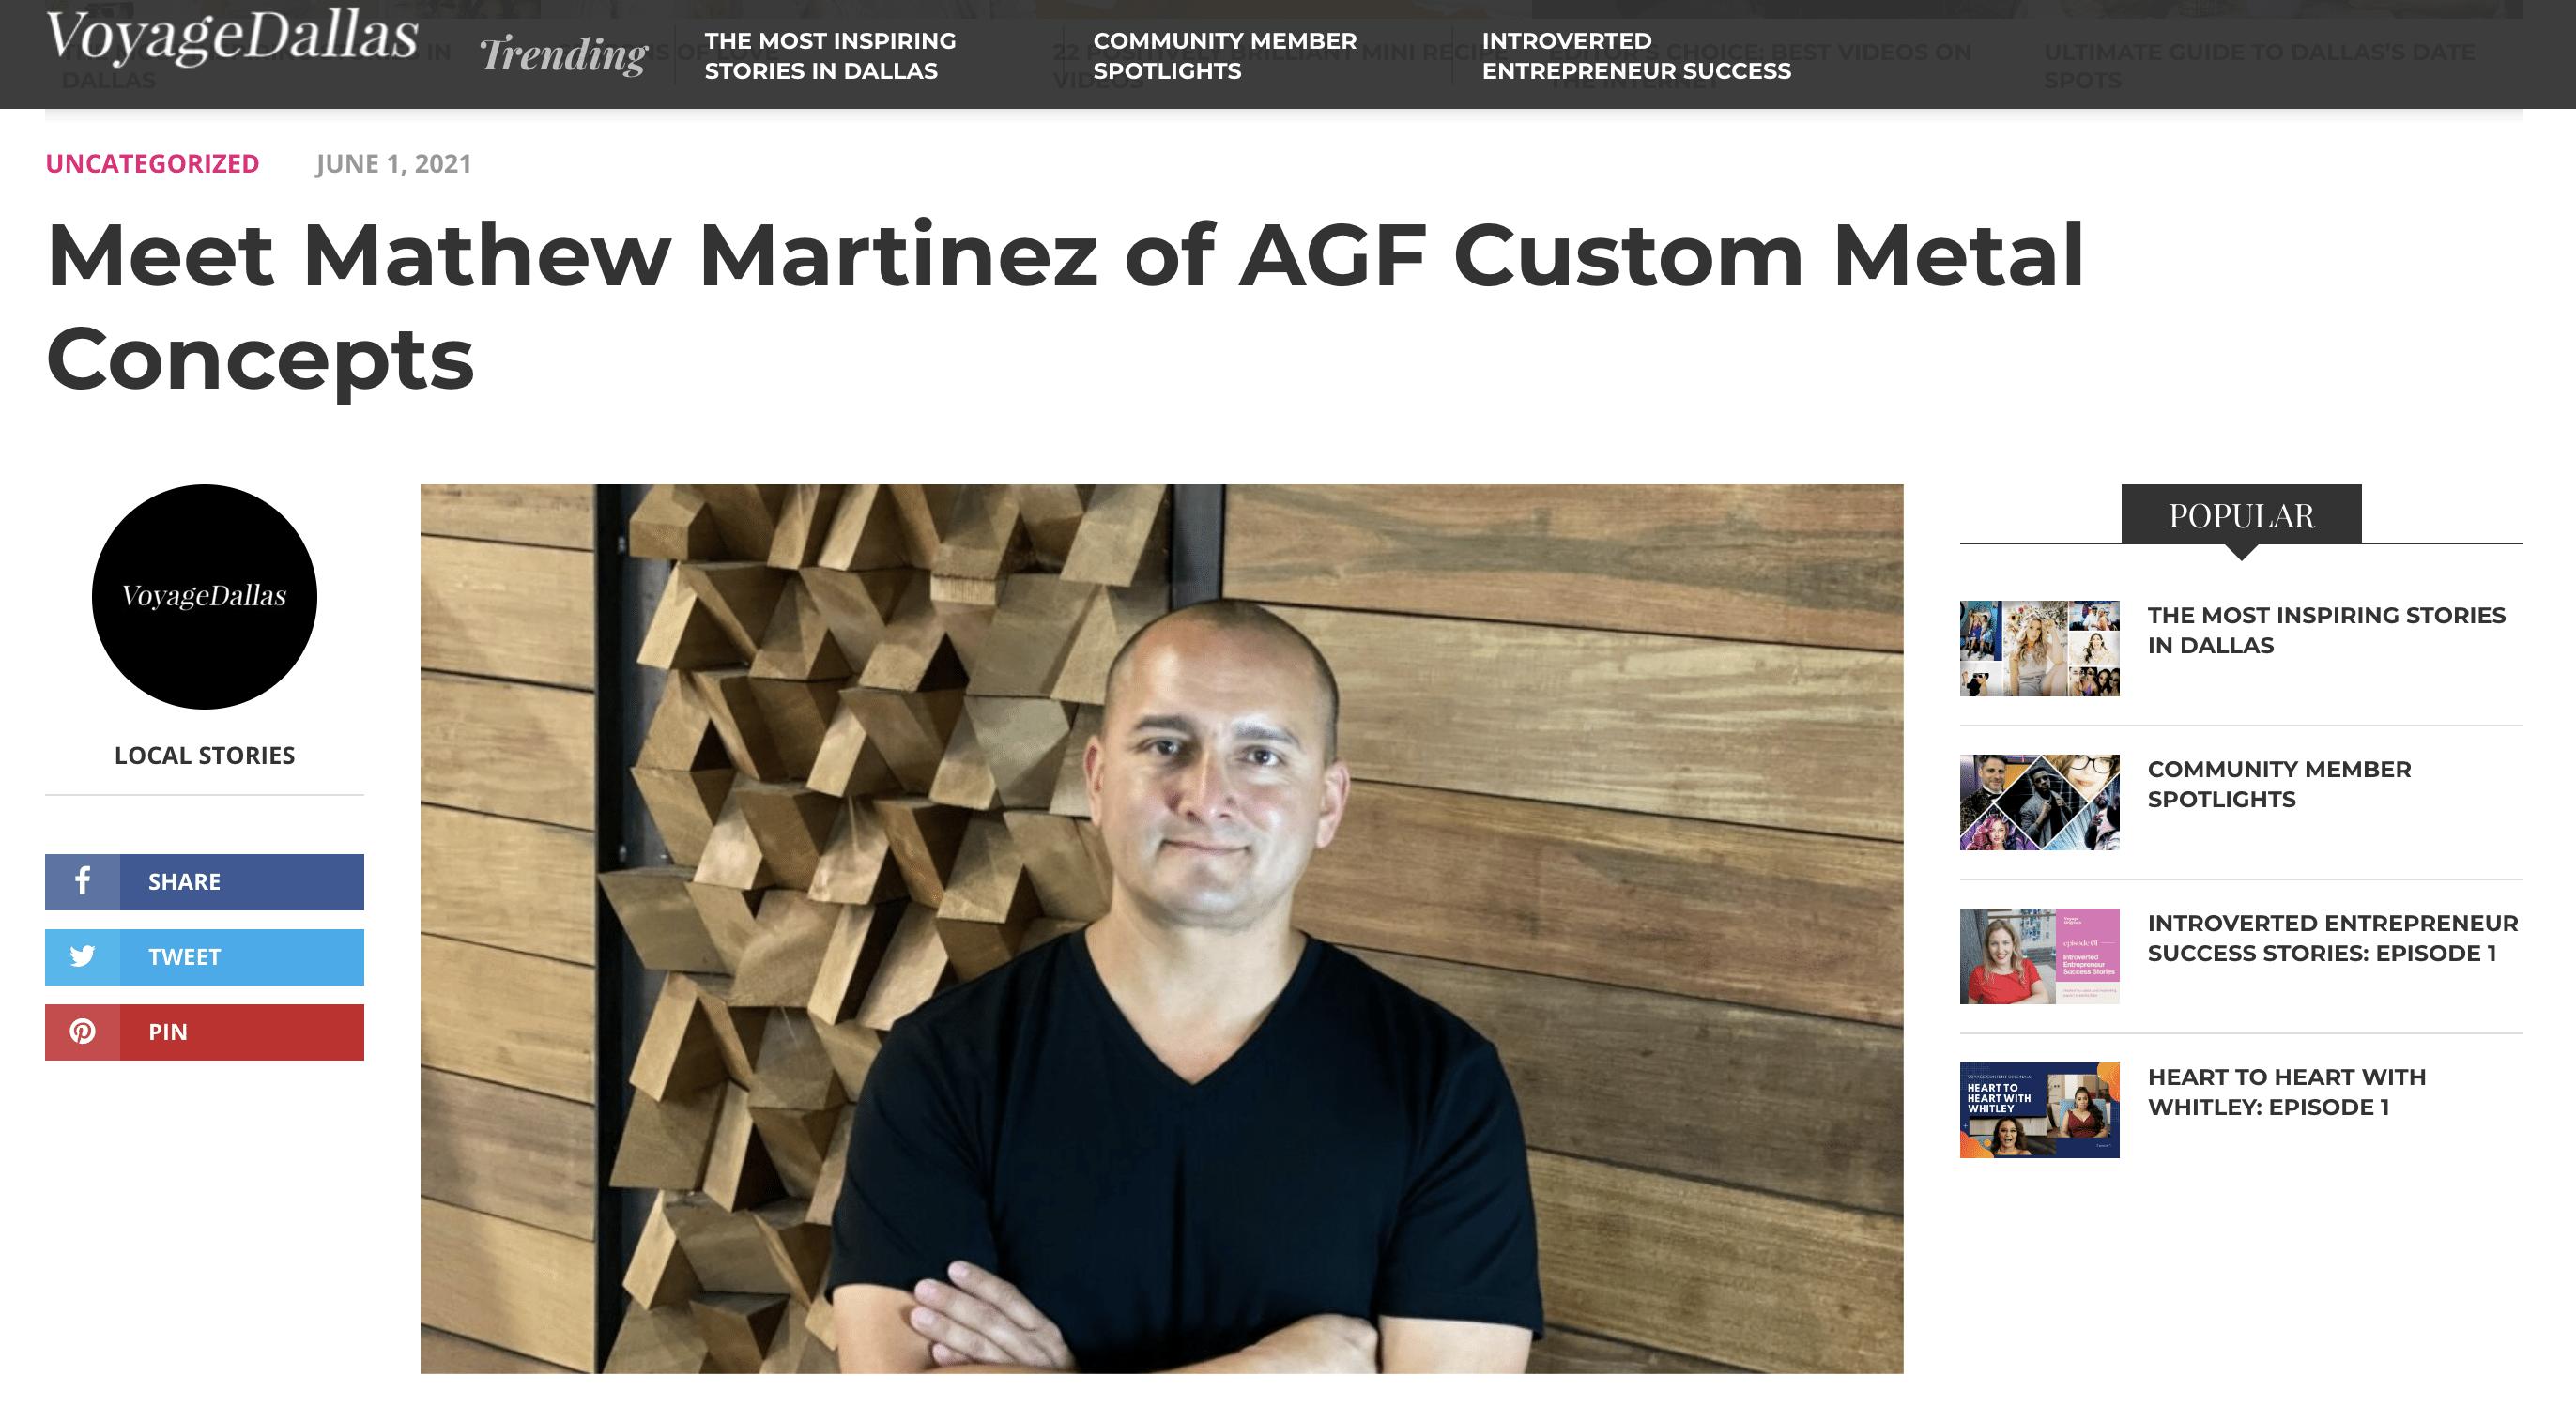 Matt Martinez featured in Voyage Dallas